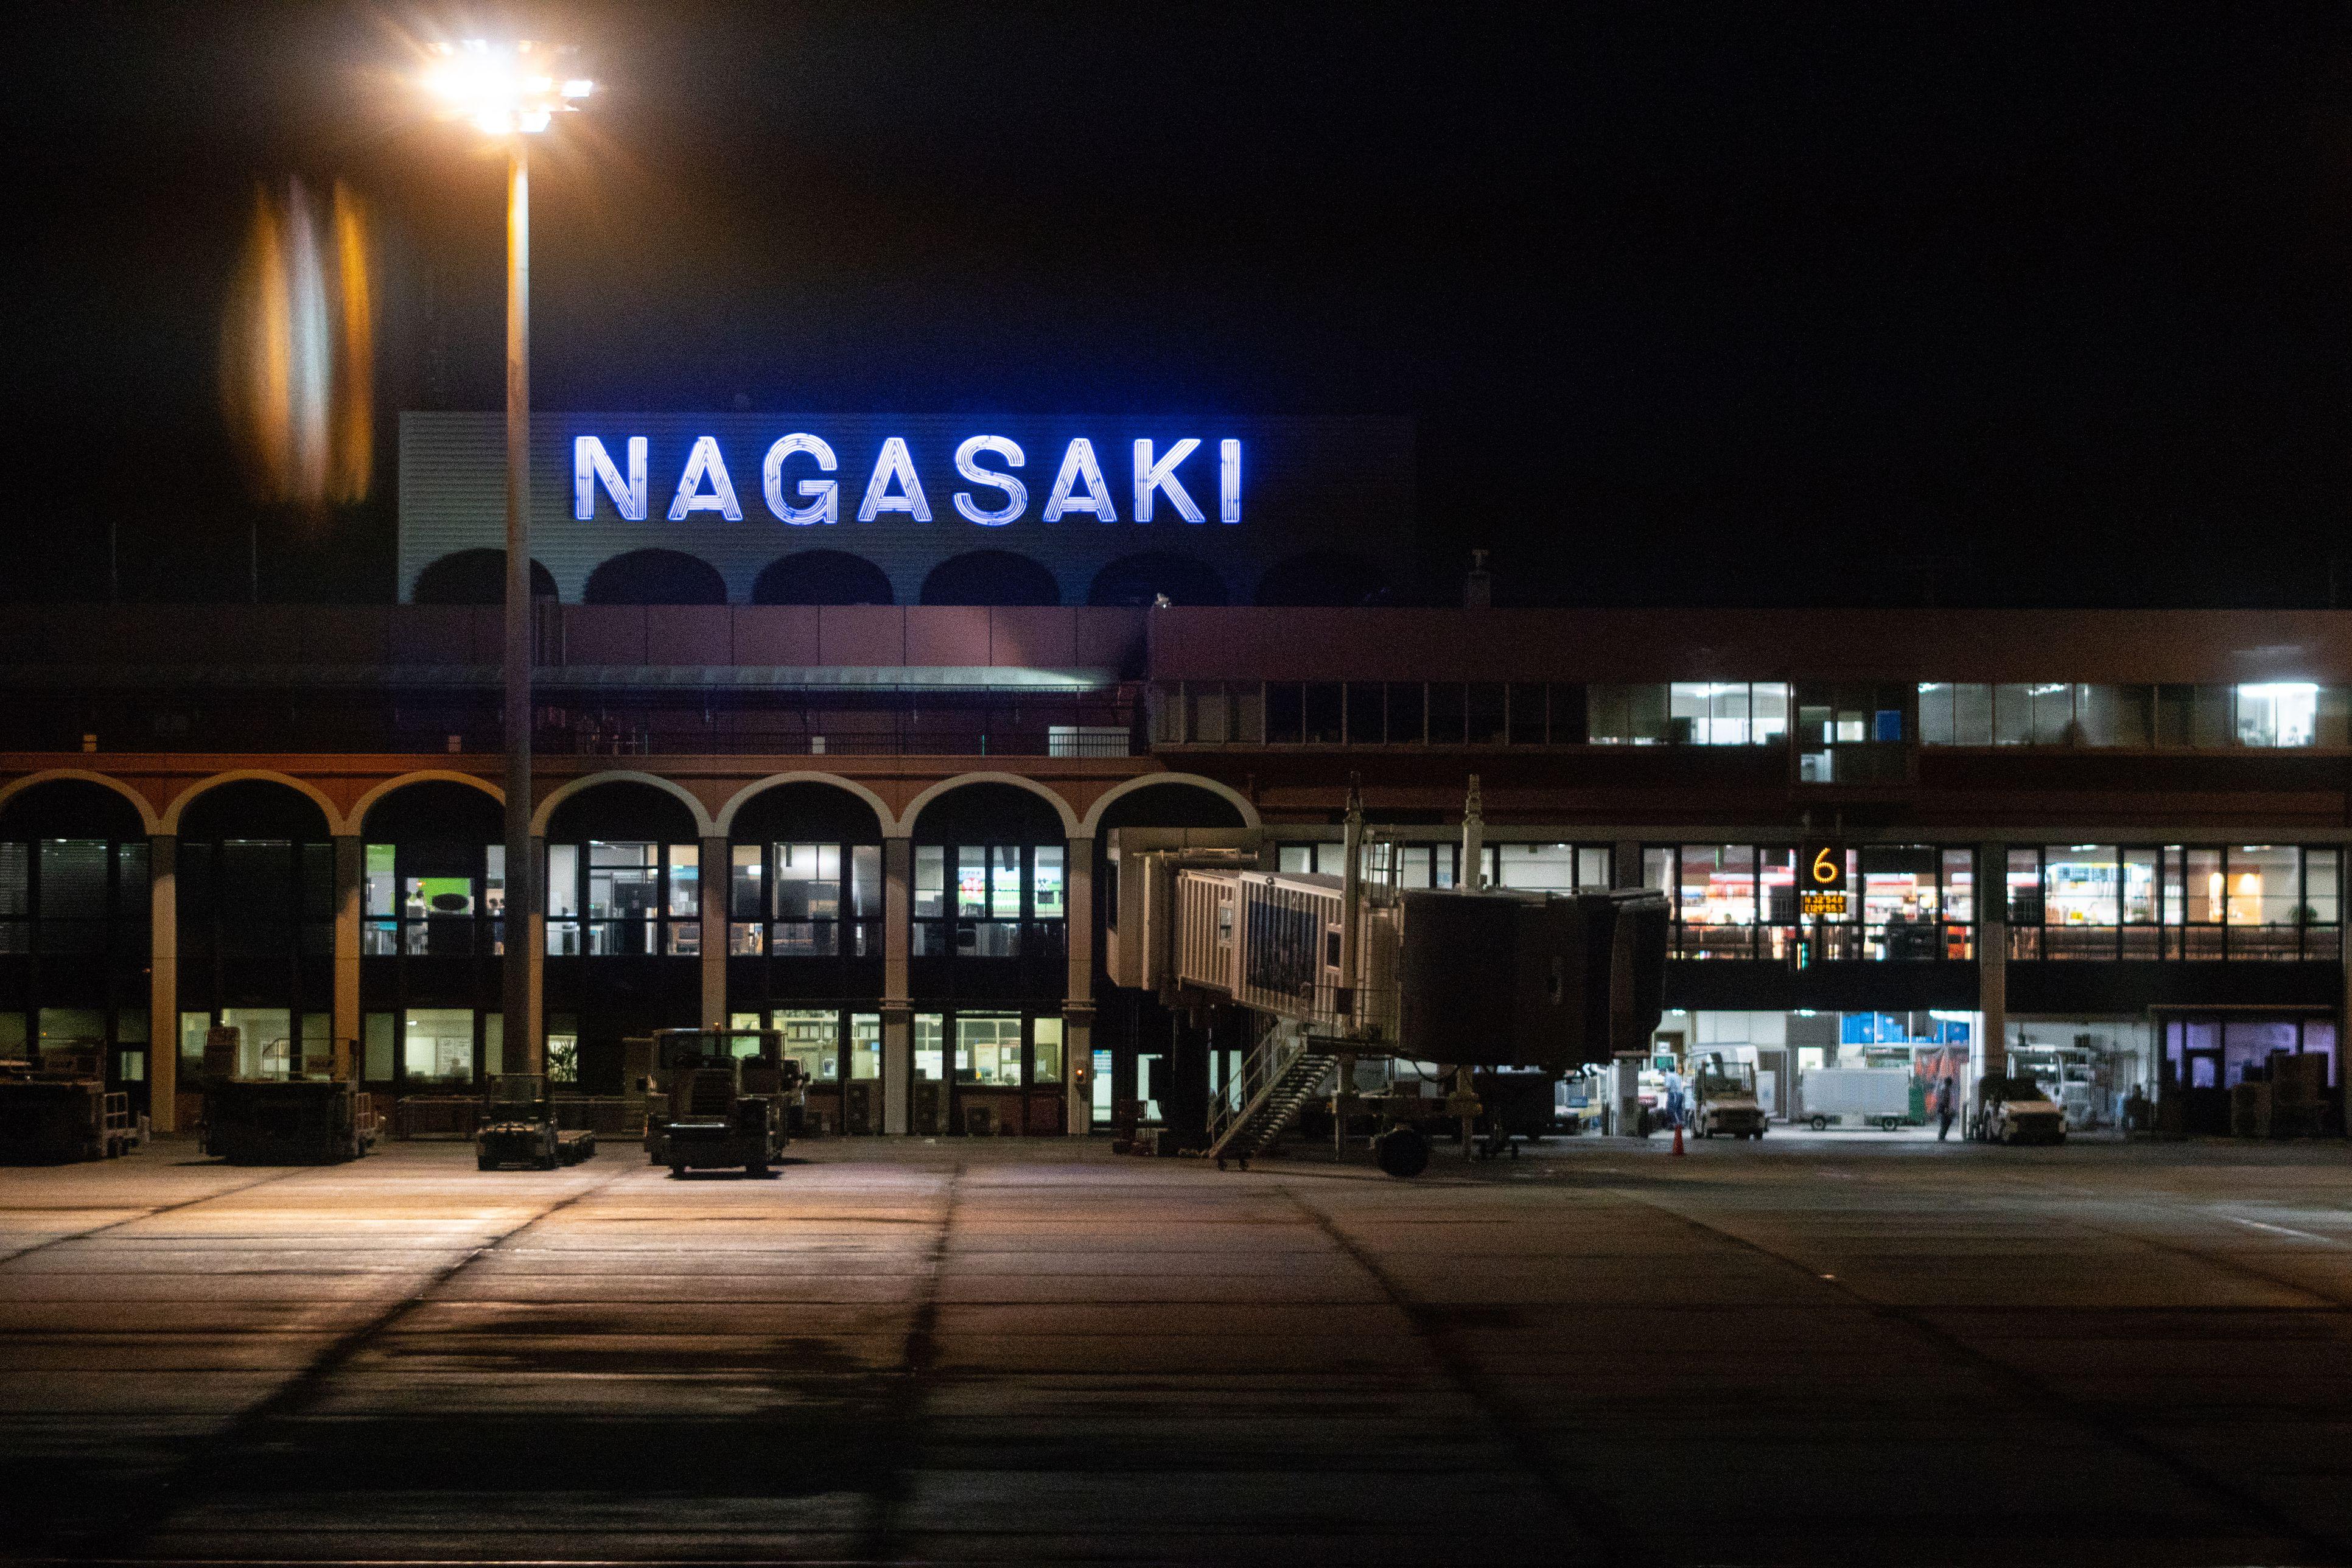 Nagasaki airport (NGS) in Japan